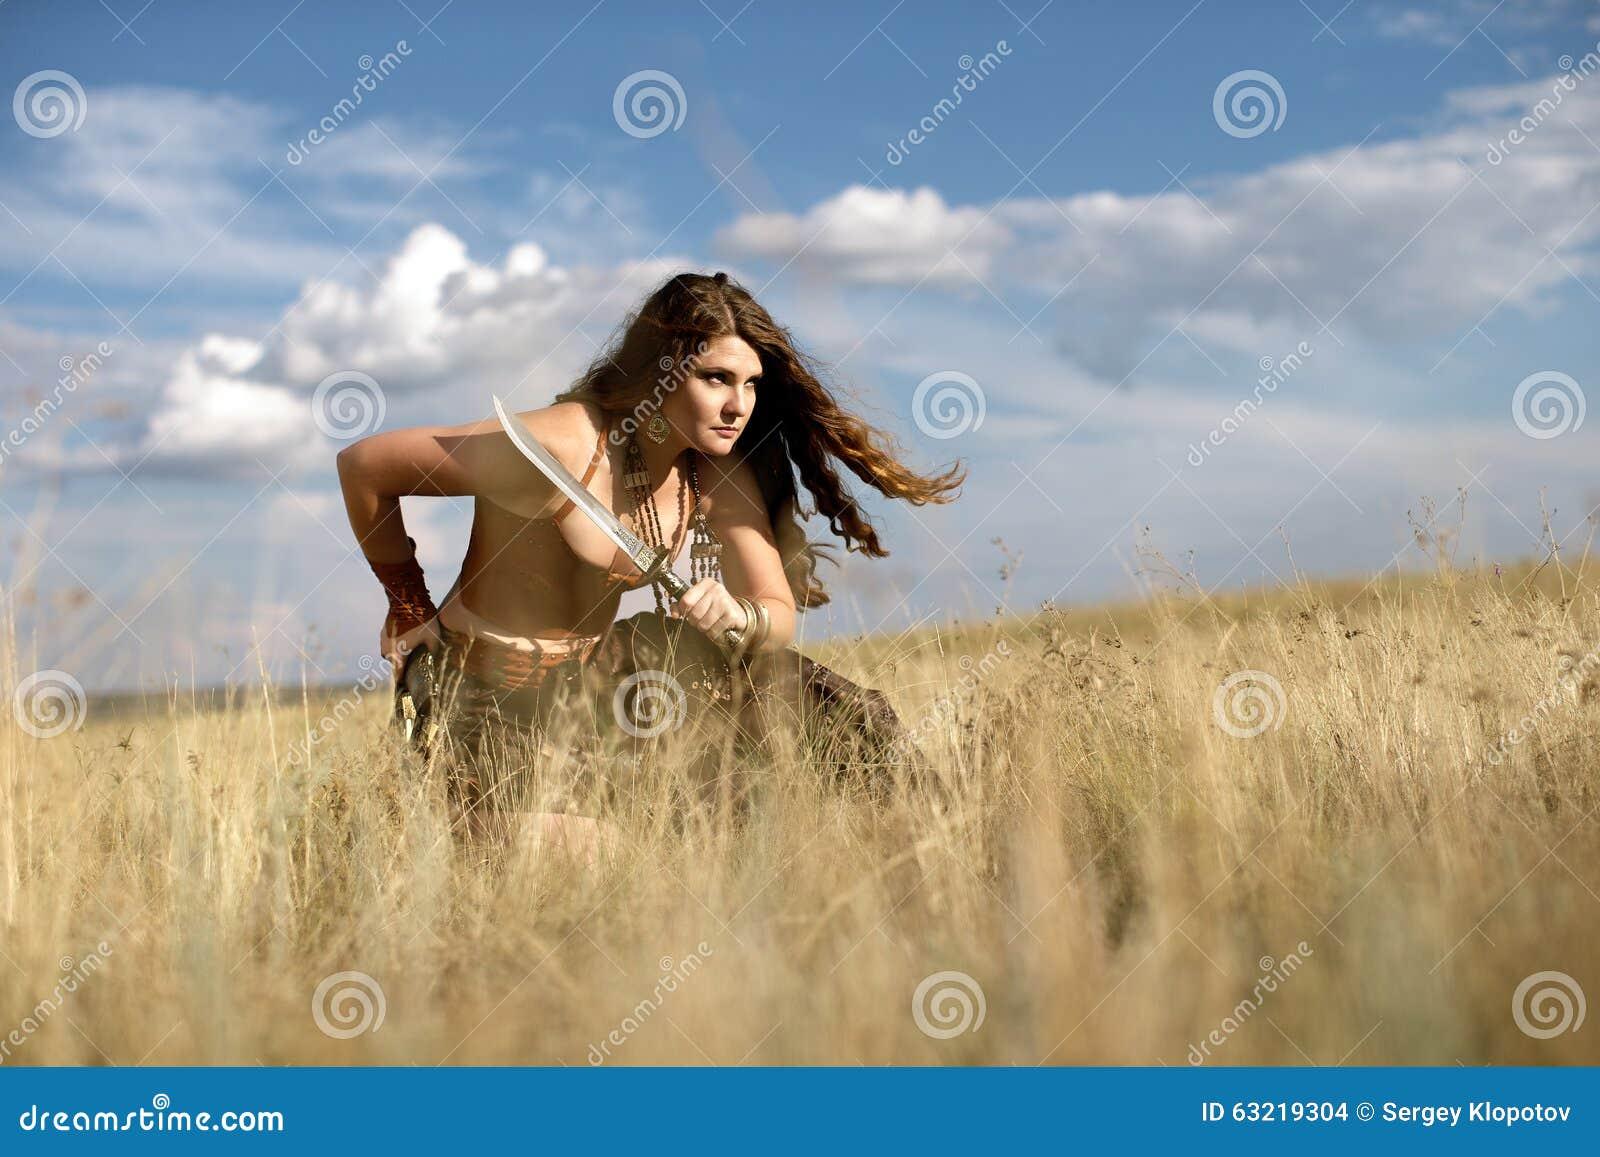 Красивые девушки с загаром амазонки фото 709-288